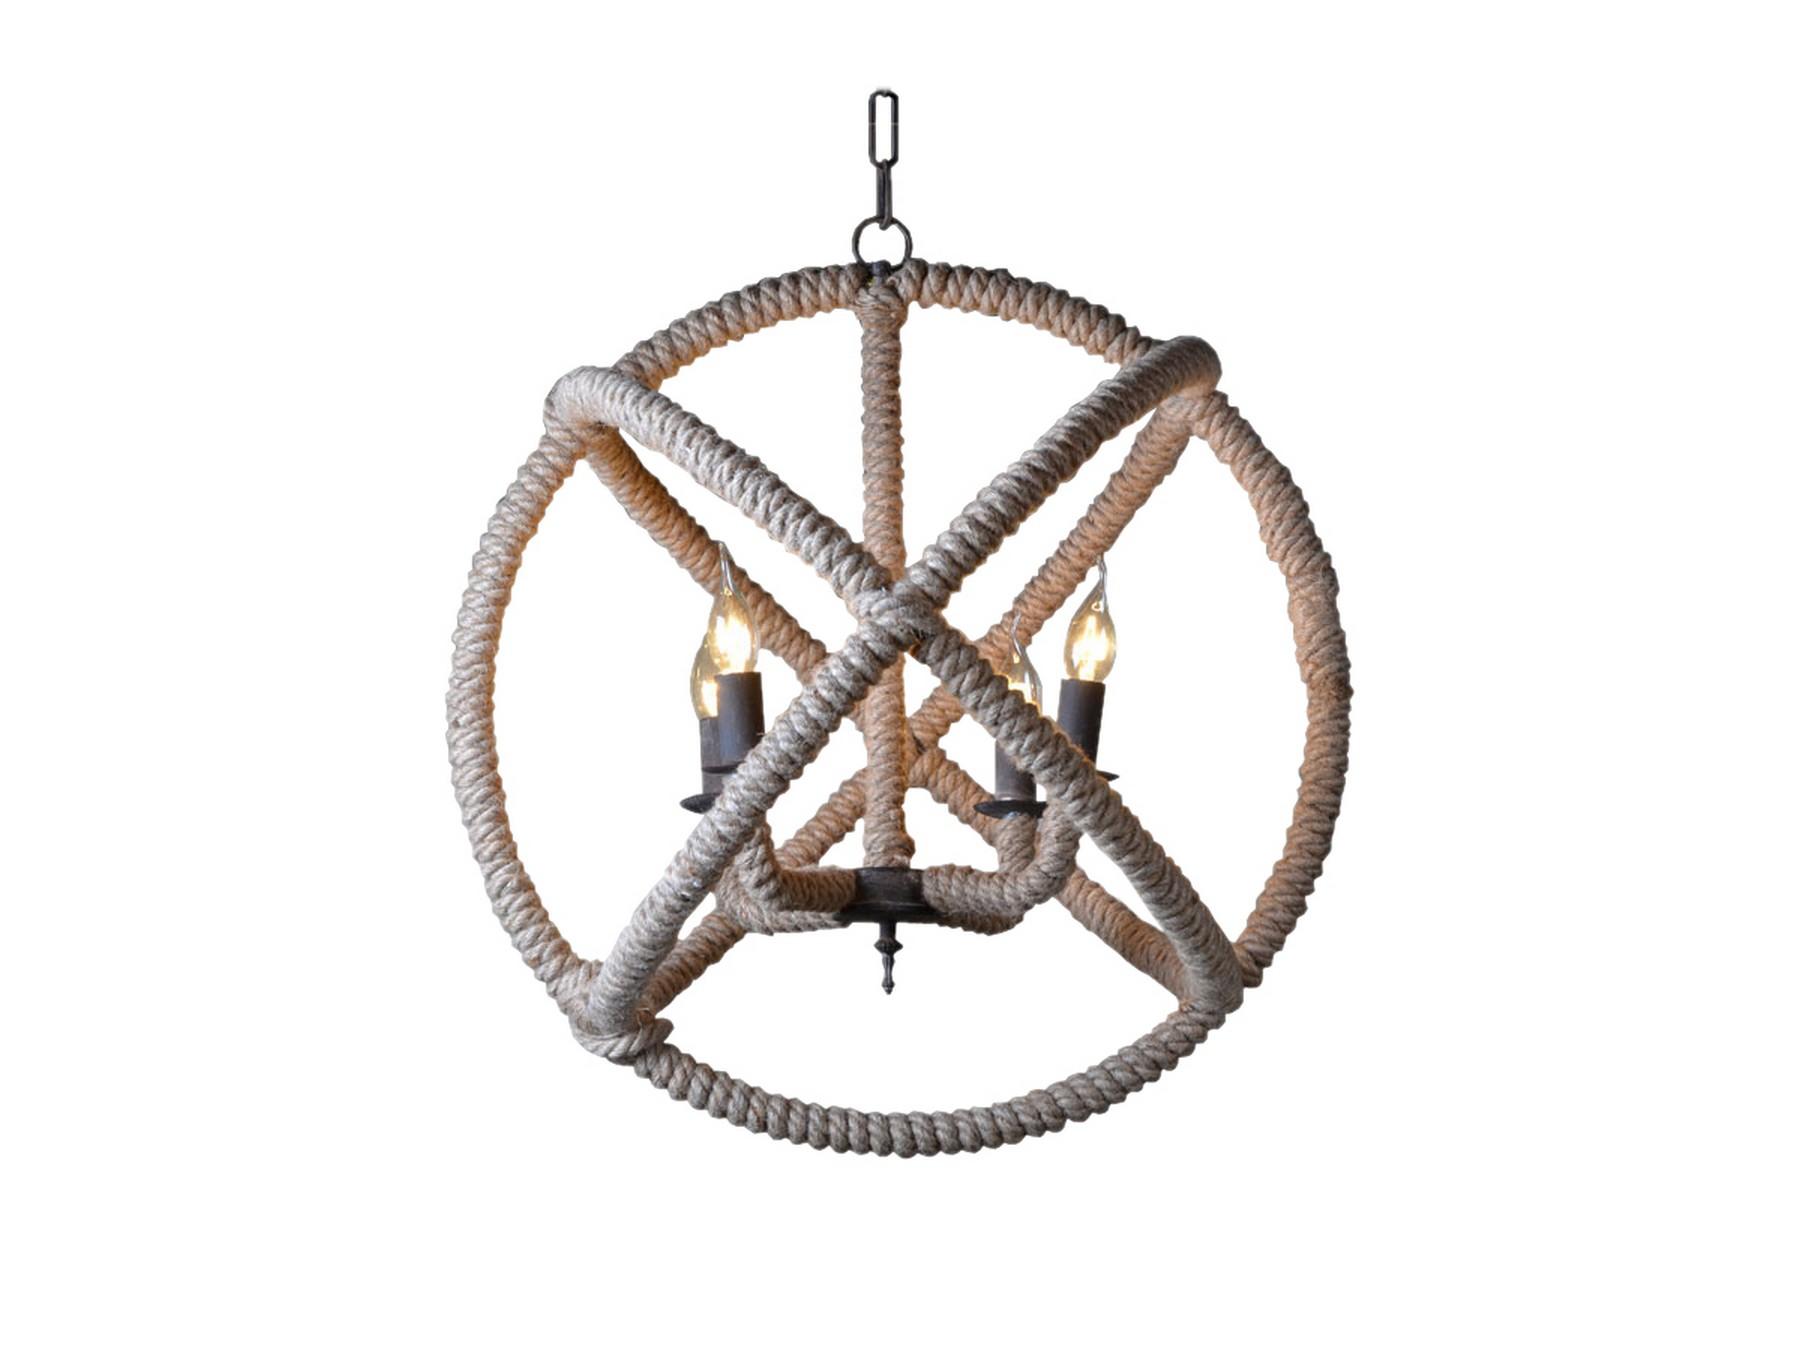 Подвесная люстра LamelaЛюстры подвесные<br>Такая люстра станет неординарным и смелым решением для вашего интерьера. Люстра на металлическом основании, декорированная джутовой веревкой. Она отлично подойдет для интерьеров в современном стиле.&amp;amp;nbsp;&amp;lt;div&amp;gt;&amp;lt;br&amp;gt;&amp;lt;/div&amp;gt;&amp;lt;div&amp;gt;&amp;lt;div&amp;gt;Вид цоколя: Е14&amp;lt;/div&amp;gt;&amp;lt;div&amp;gt;Мощность лампы: 25W&amp;lt;/div&amp;gt;&amp;lt;div&amp;gt;Количество ламп: 4&amp;lt;/div&amp;gt;&amp;lt;/div&amp;gt;&amp;lt;div&amp;gt;Наличие ламп: нет&amp;lt;/div&amp;gt;<br><br>Material: Металл<br>Height см: 55<br>Diameter см: 55